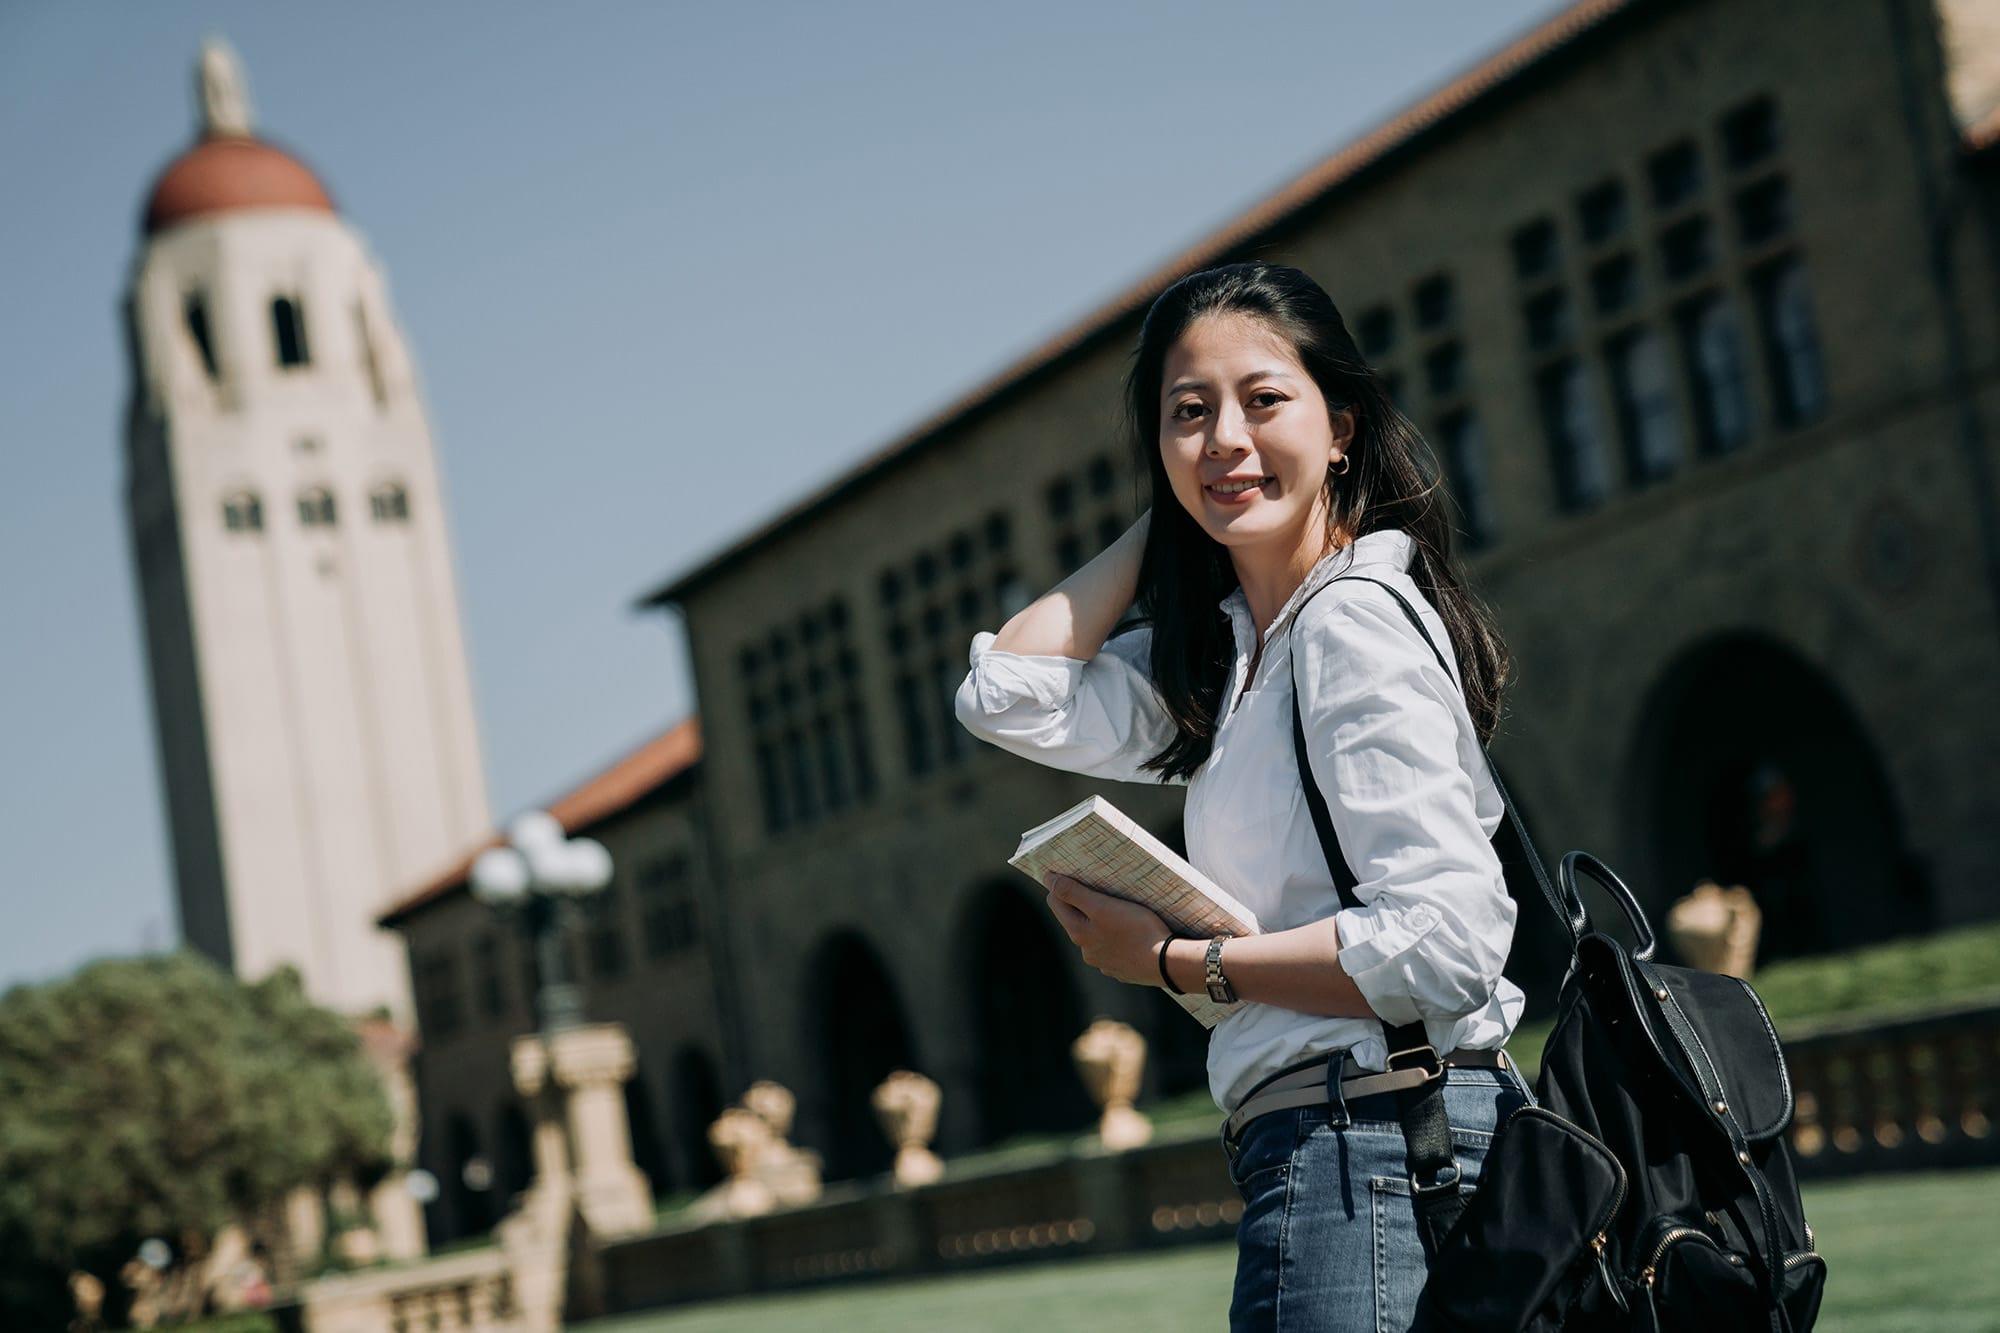 日本人女子留学生に注意してほしいこと